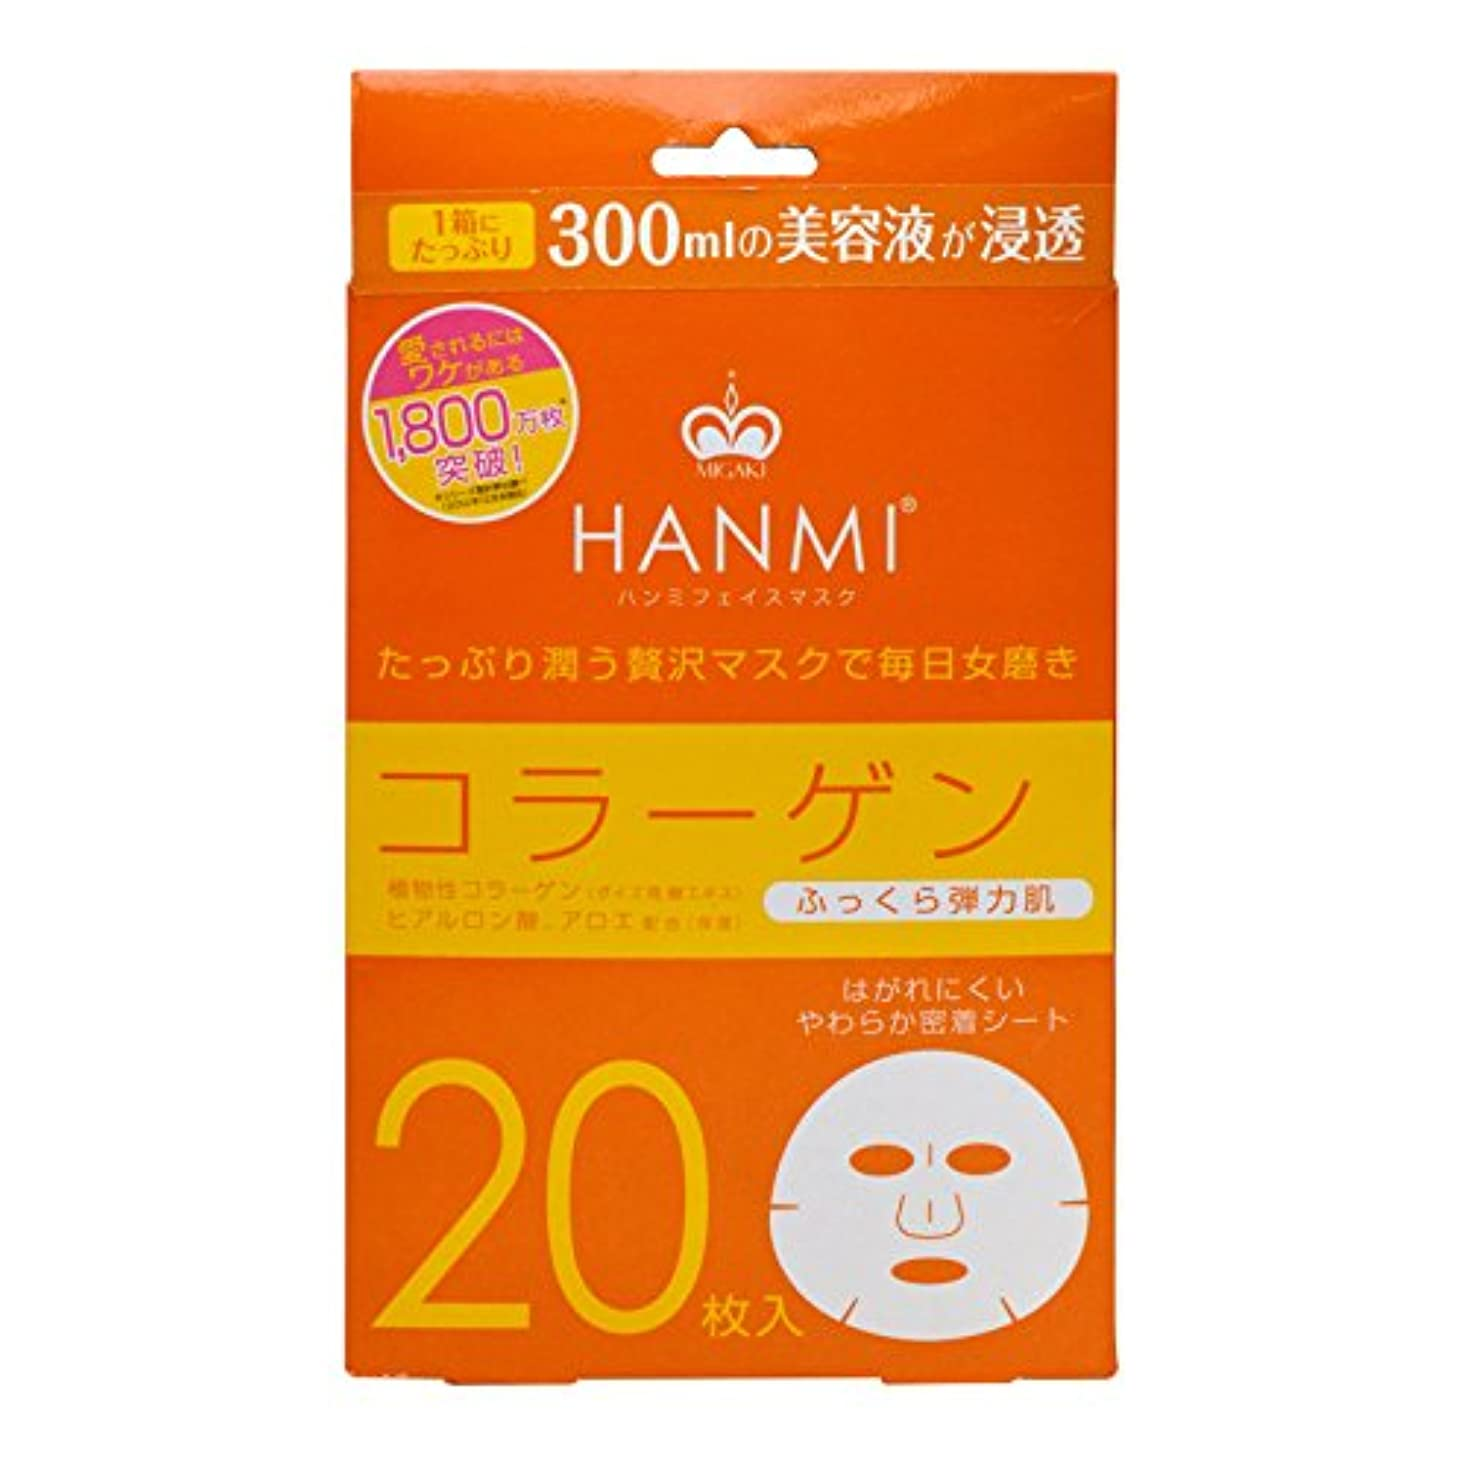 を除く打ち上げる忌まわしいMIGAKI ハンミフェイスマスク コラーゲン 20枚入り